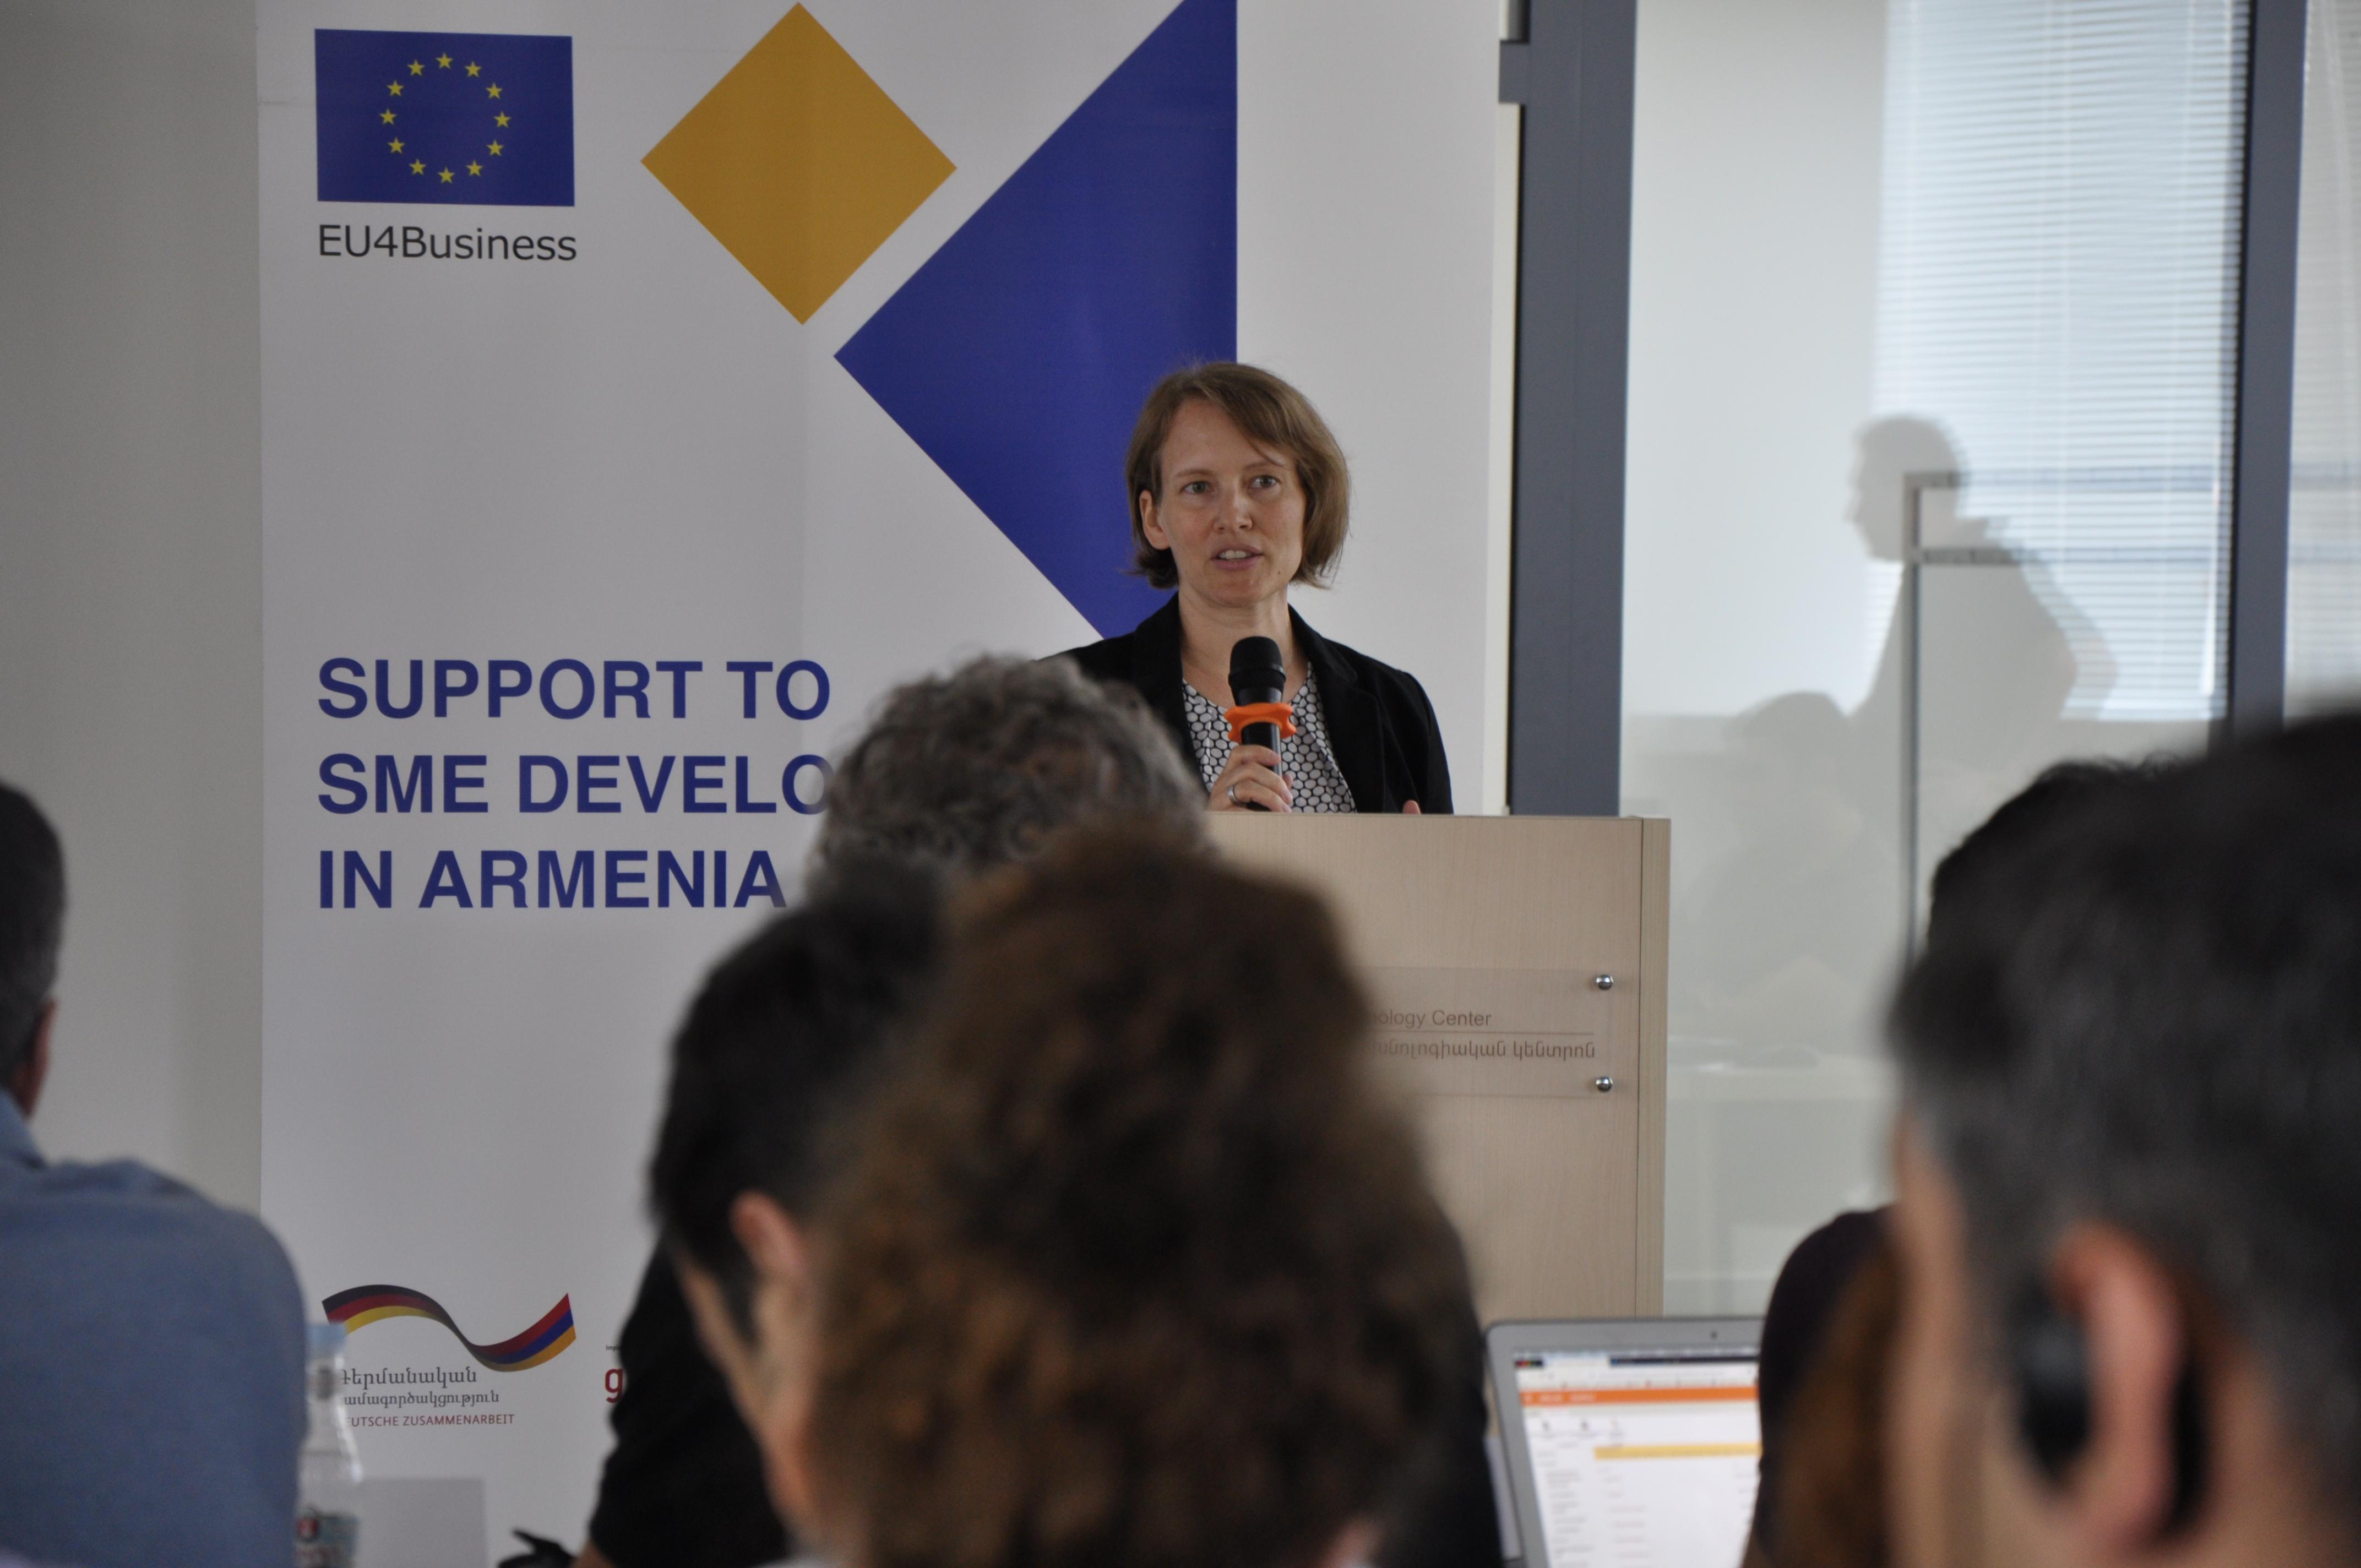 Հայաստանում ՏՏ ոլորտի բարելավումը ԵՄ-ի առաջնահերթություններից է․ կայացավ հերթական դրամաշնորհային մրցույթը